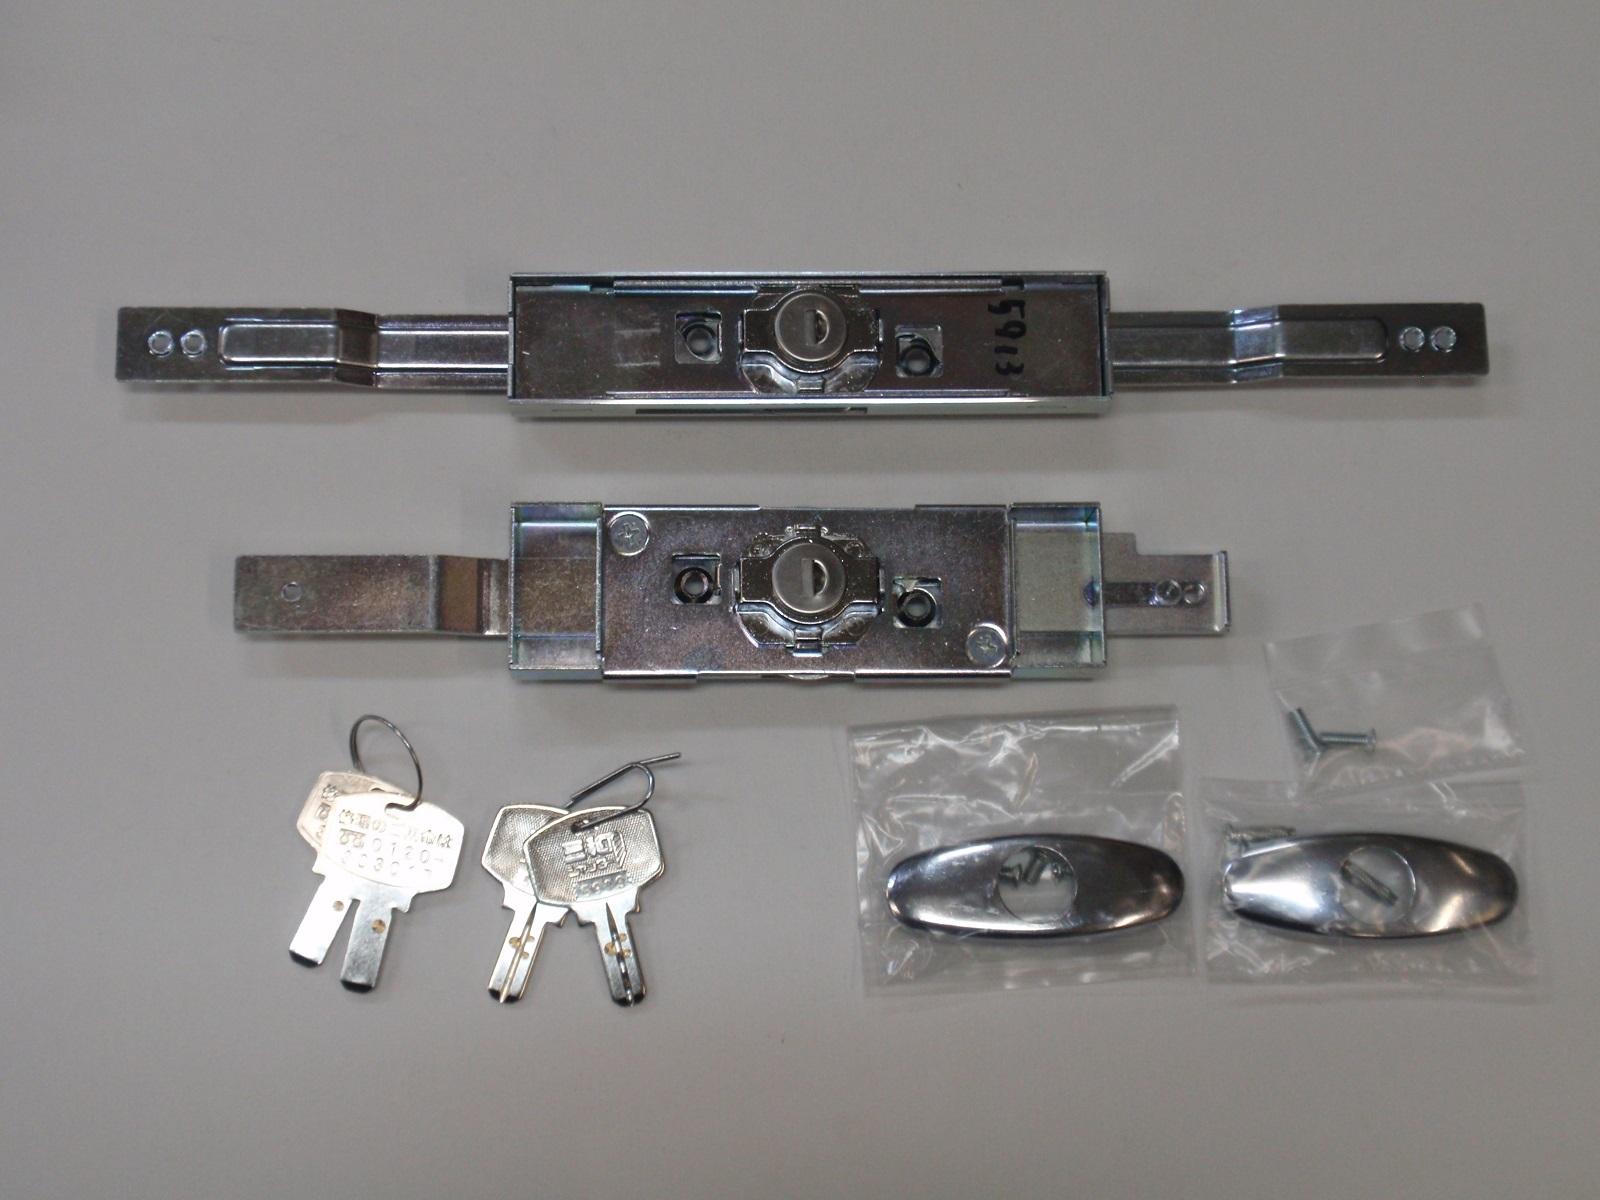 取替用シャッター錠 同一キータイプシャッター錠 三和シャッター (新型)KS-29 & アクアキー ウォーターロック 水圧錠 ディンプルキー 2個セット同一キータイプ 特注品 SANWA サンワ 防犯 鍵 交換 取替